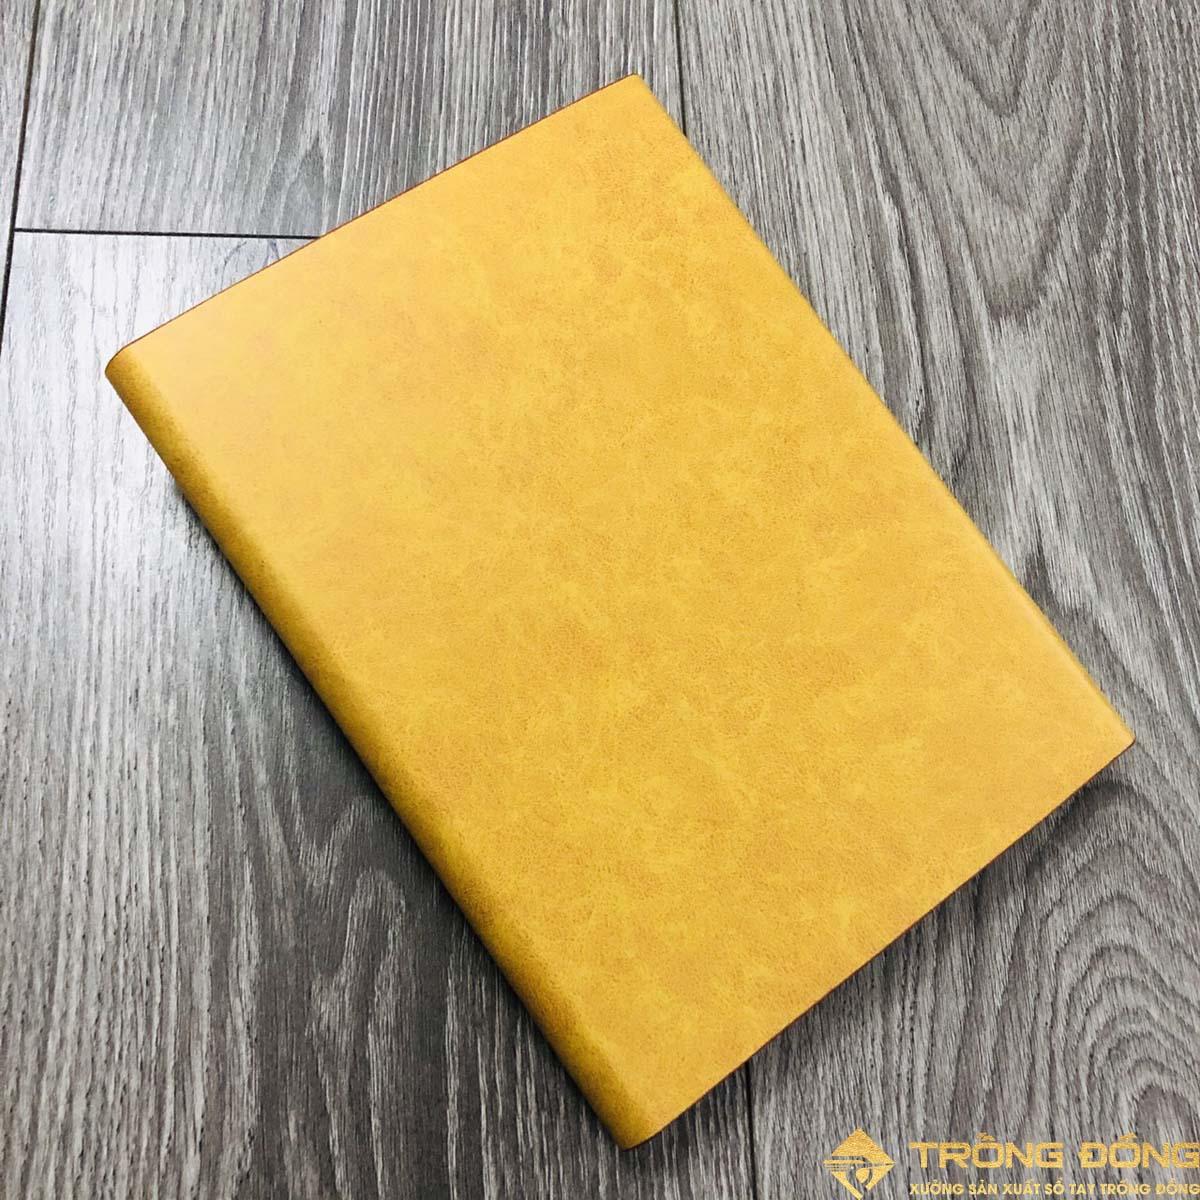 Phần mặt sau của bìa sổ da có sẵn màu vàng bò mẫu LSA5-01B